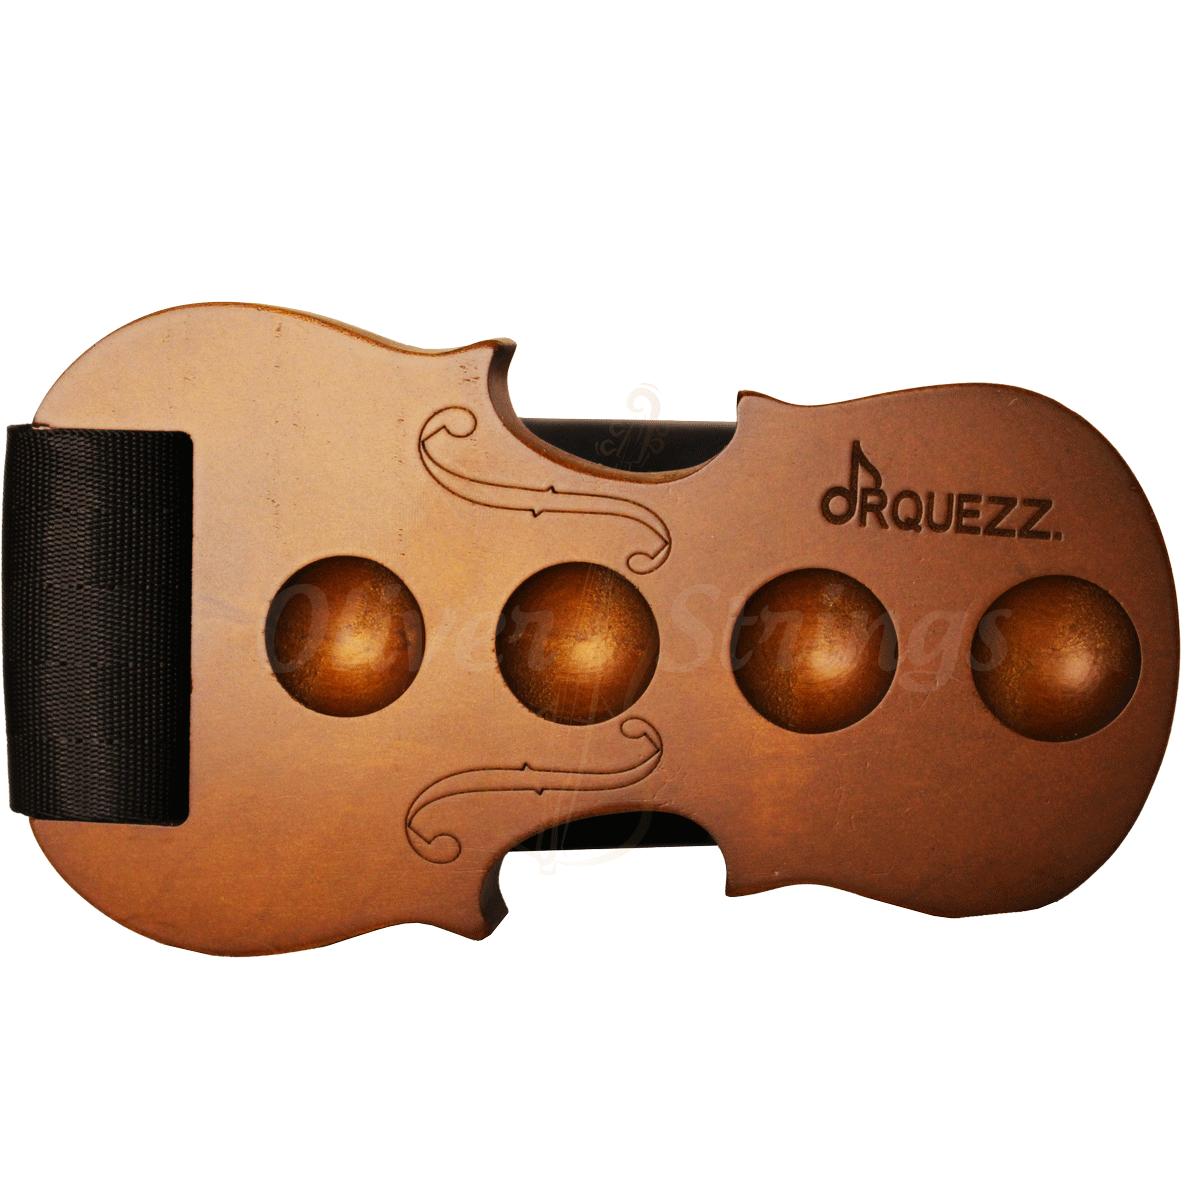 Apoio para espigão em madeira cello body